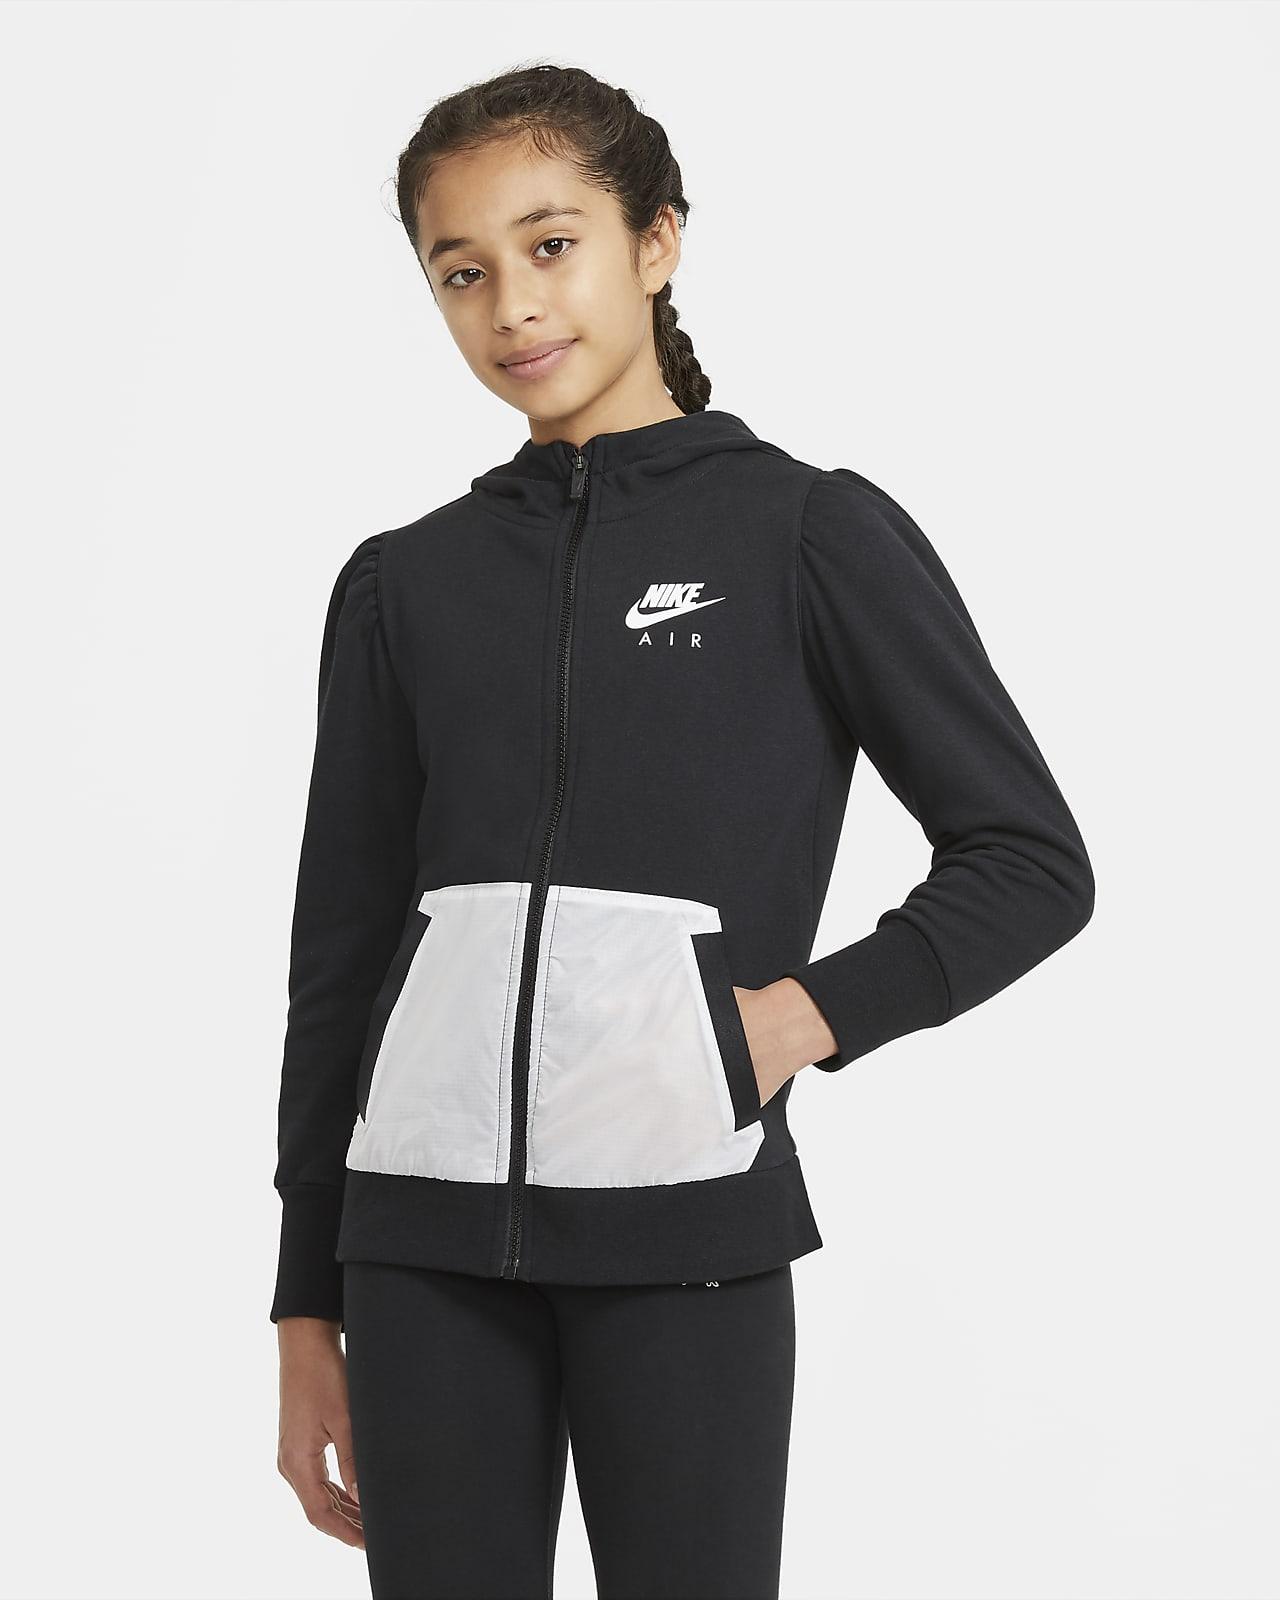 Nike Air frottéhettejakke med hel glidelås til store barn (jente)